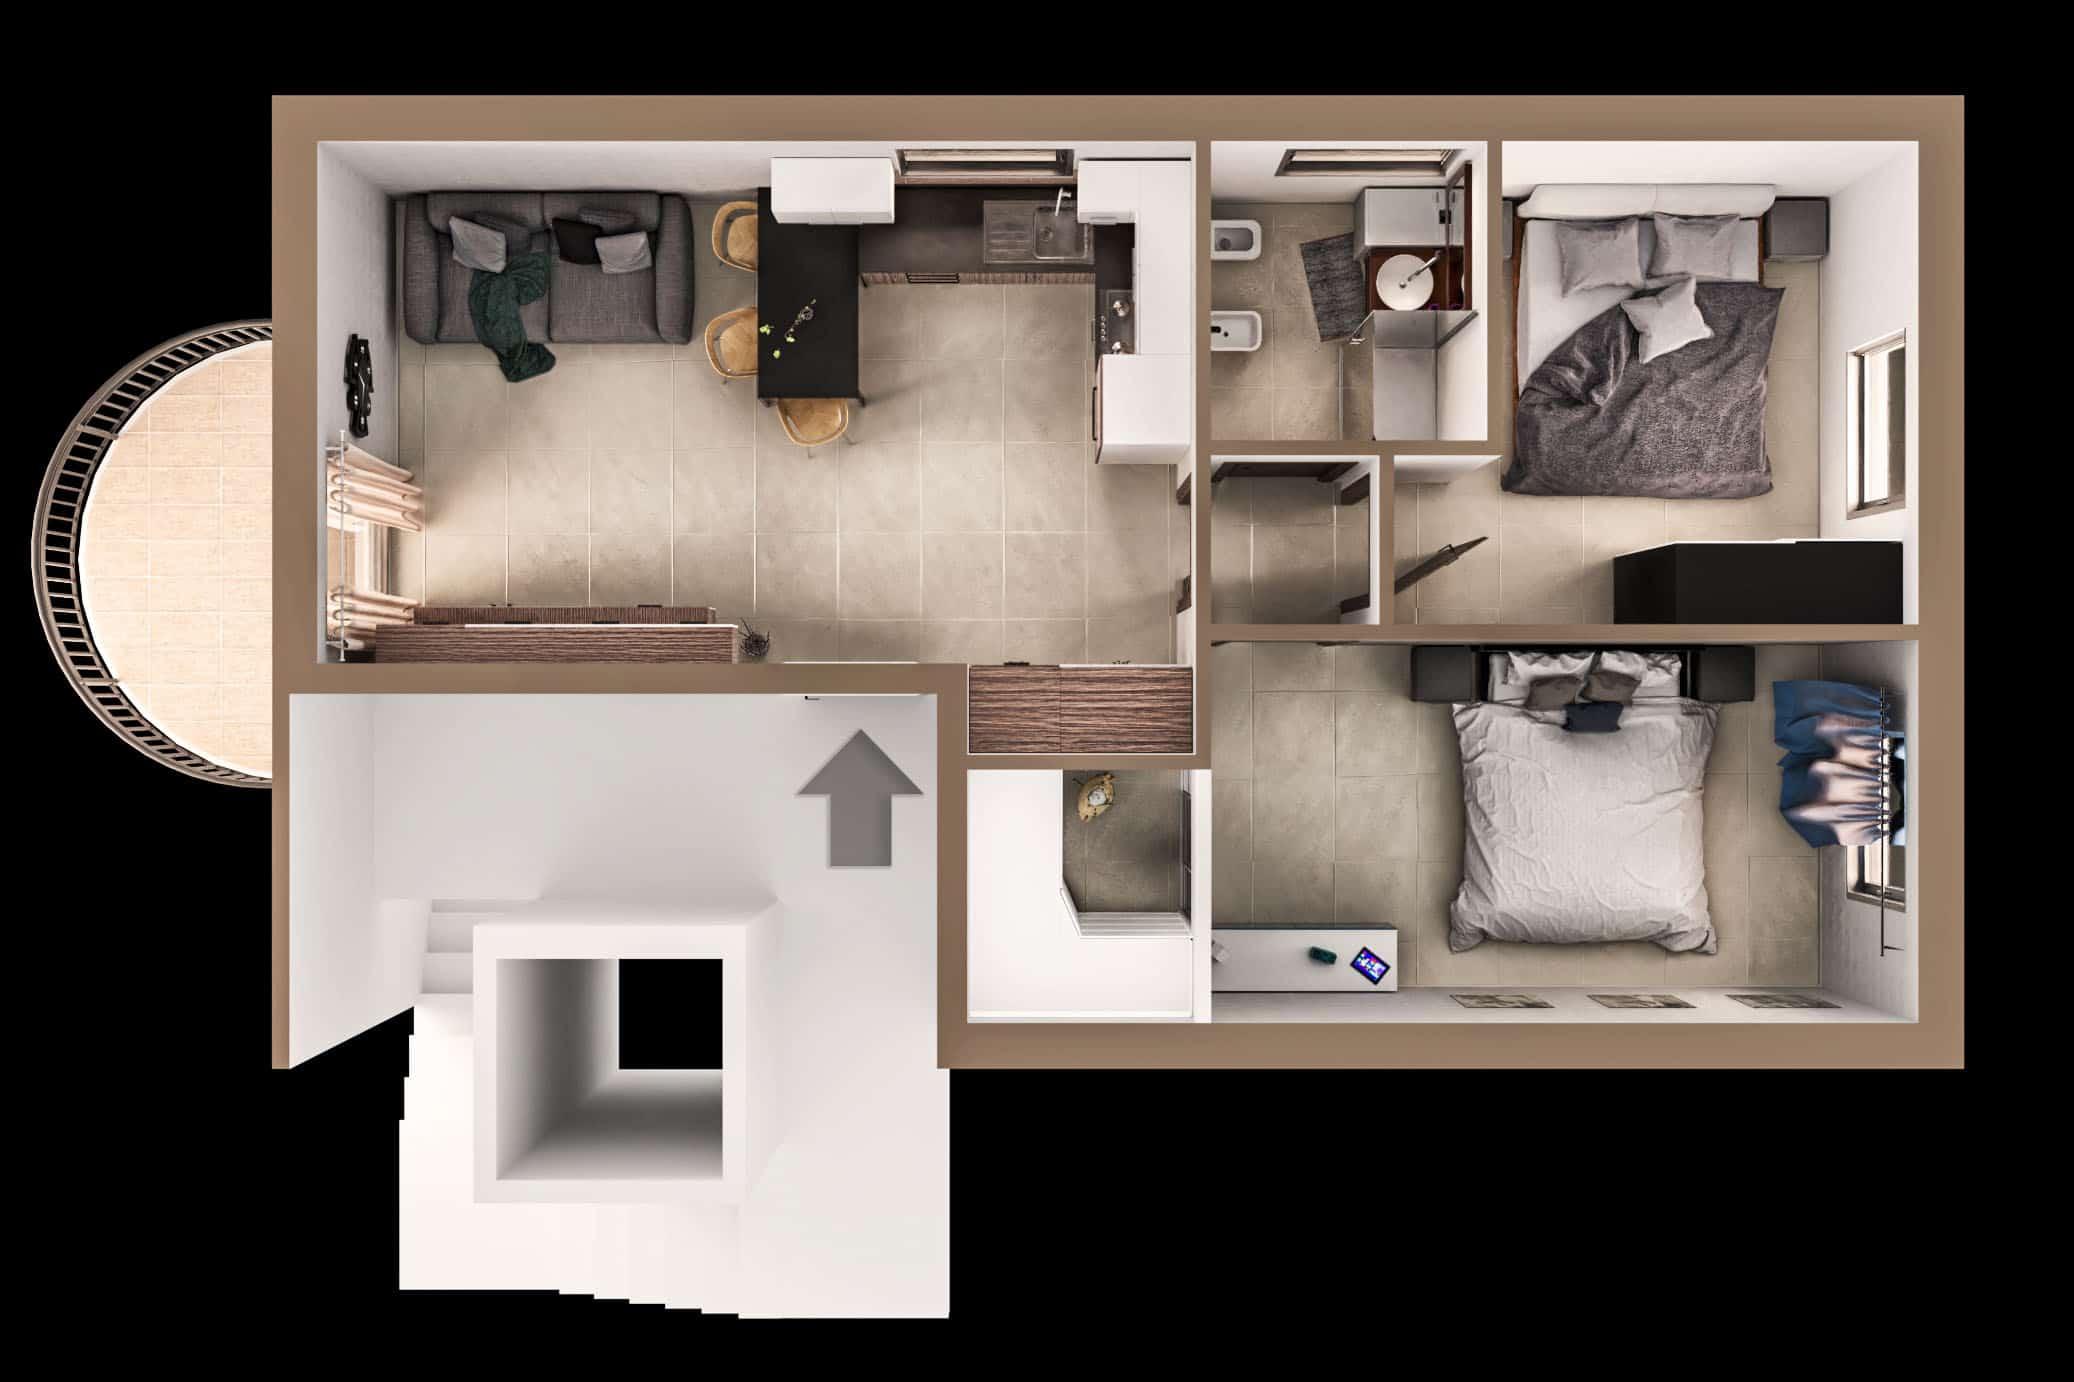 render - design - pianta 3d - architettura